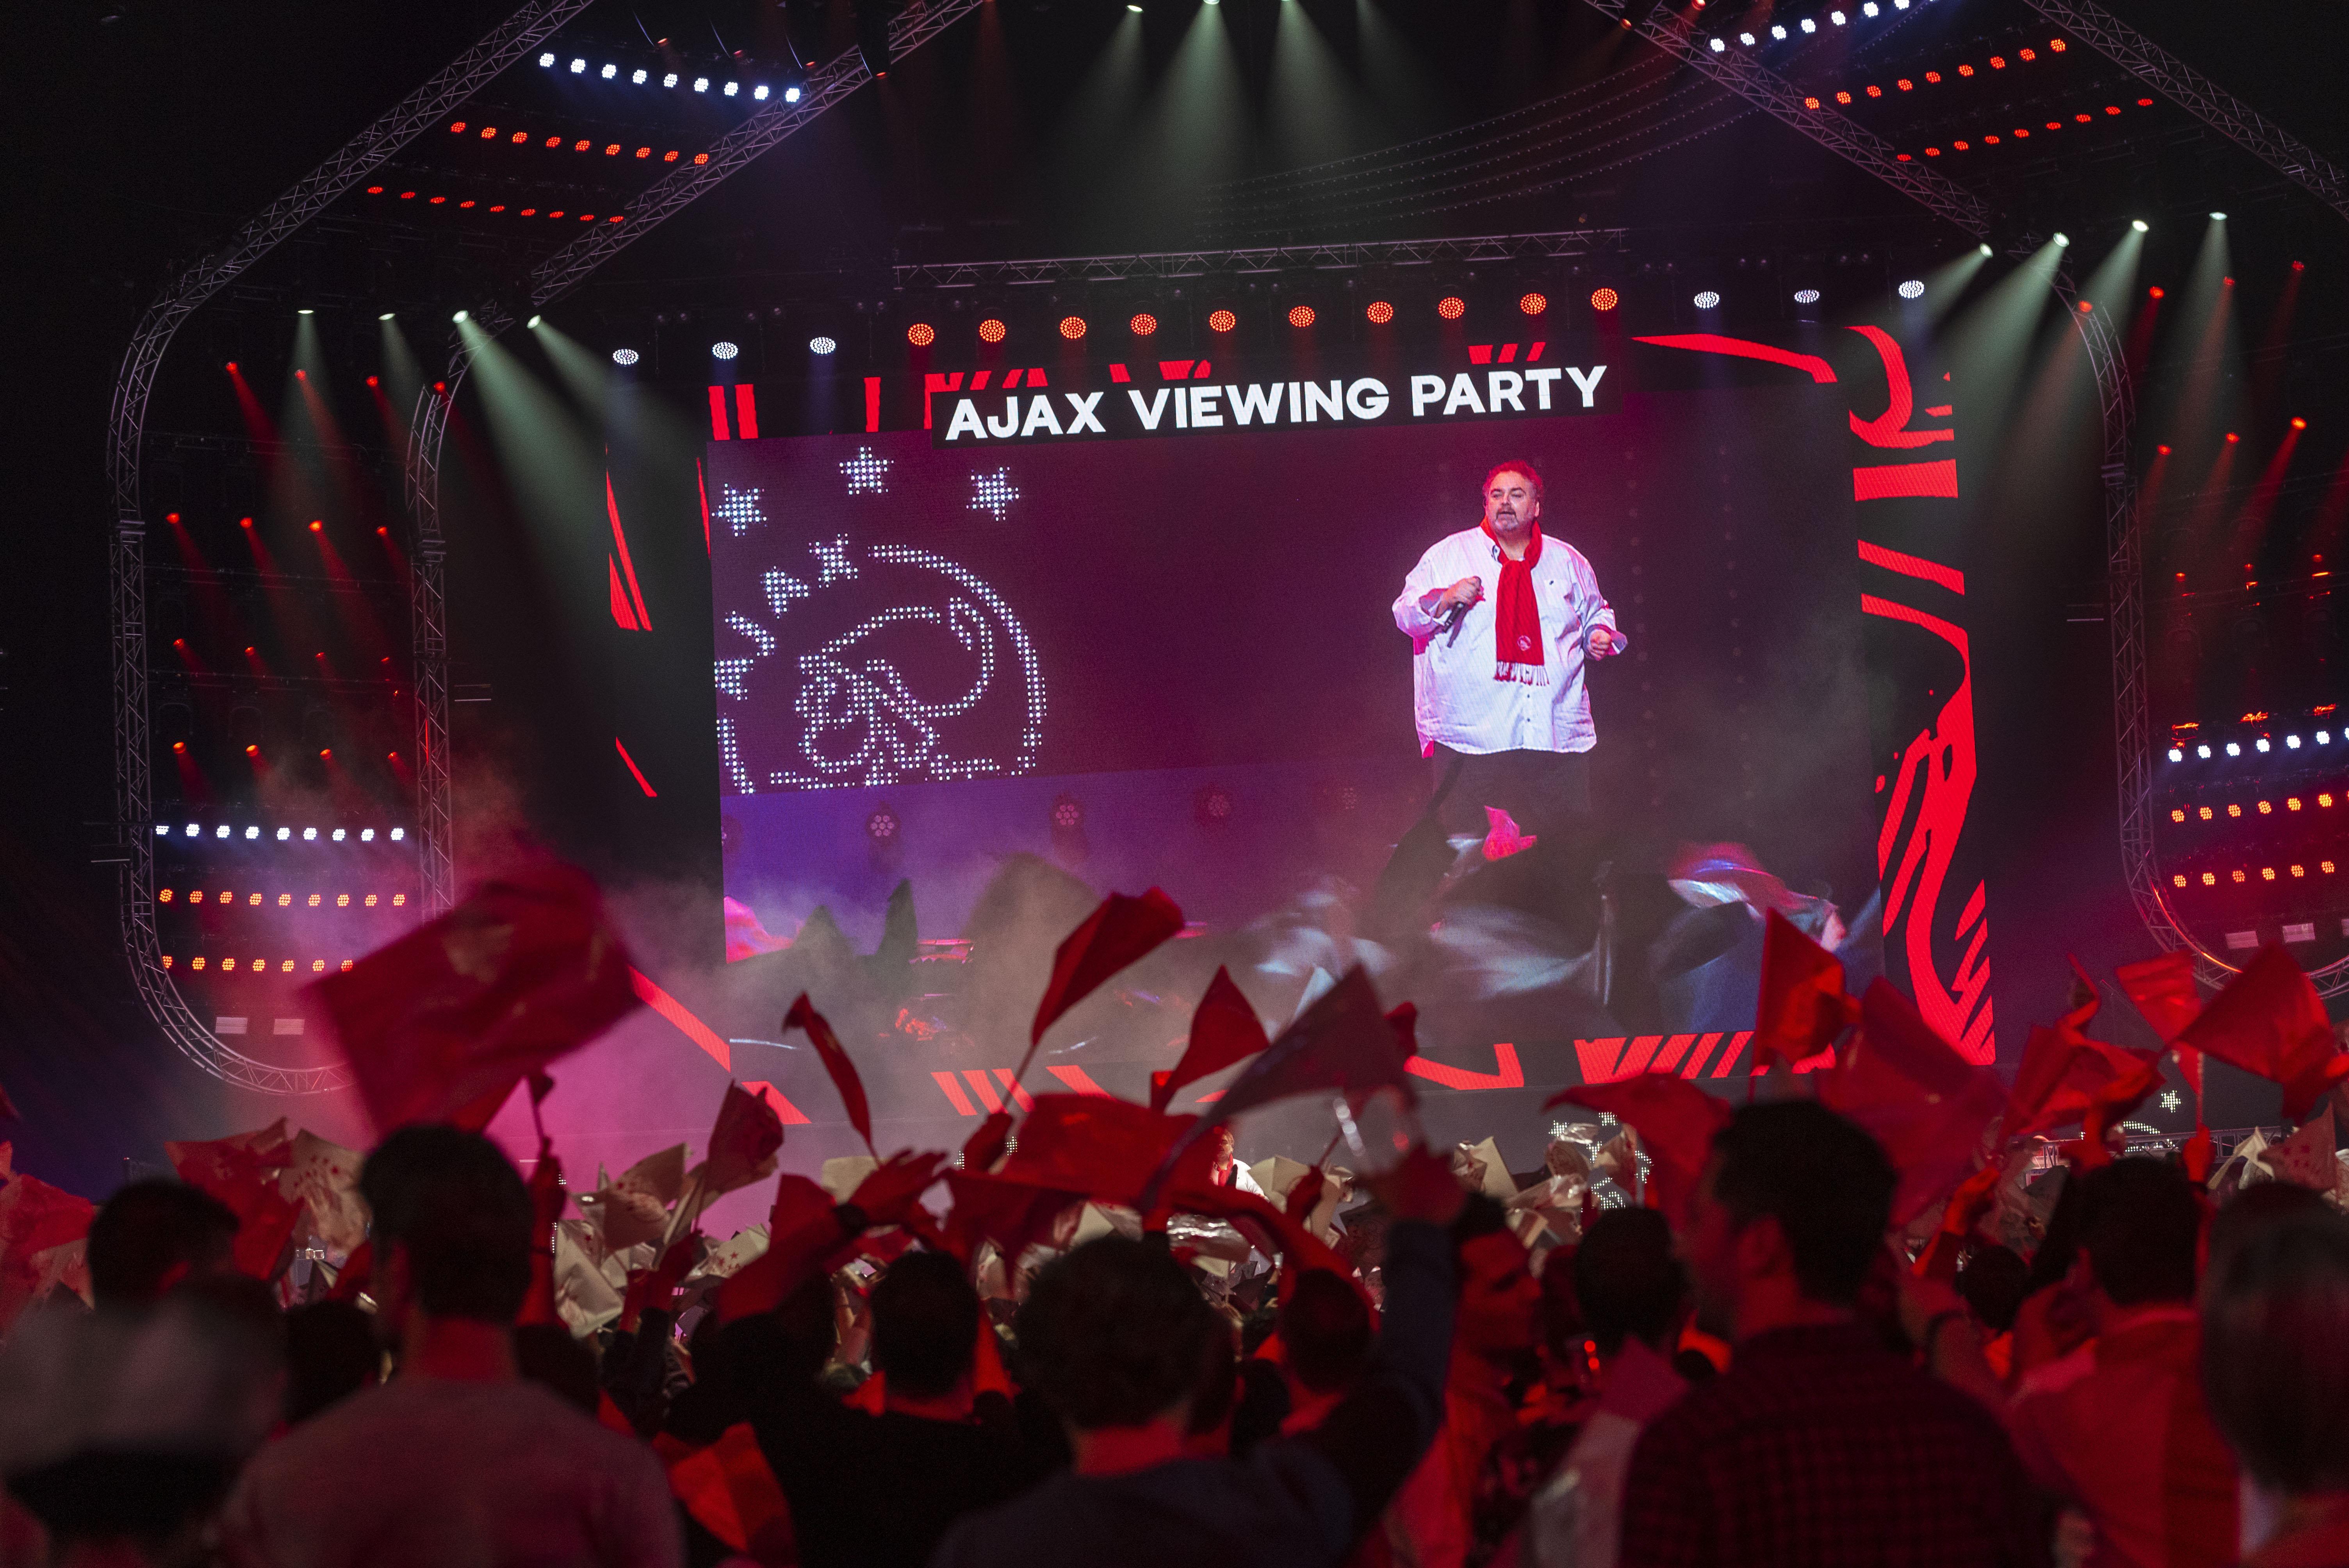 Ajax-Real in de Ziggo Dome: net echt allemaal [video]